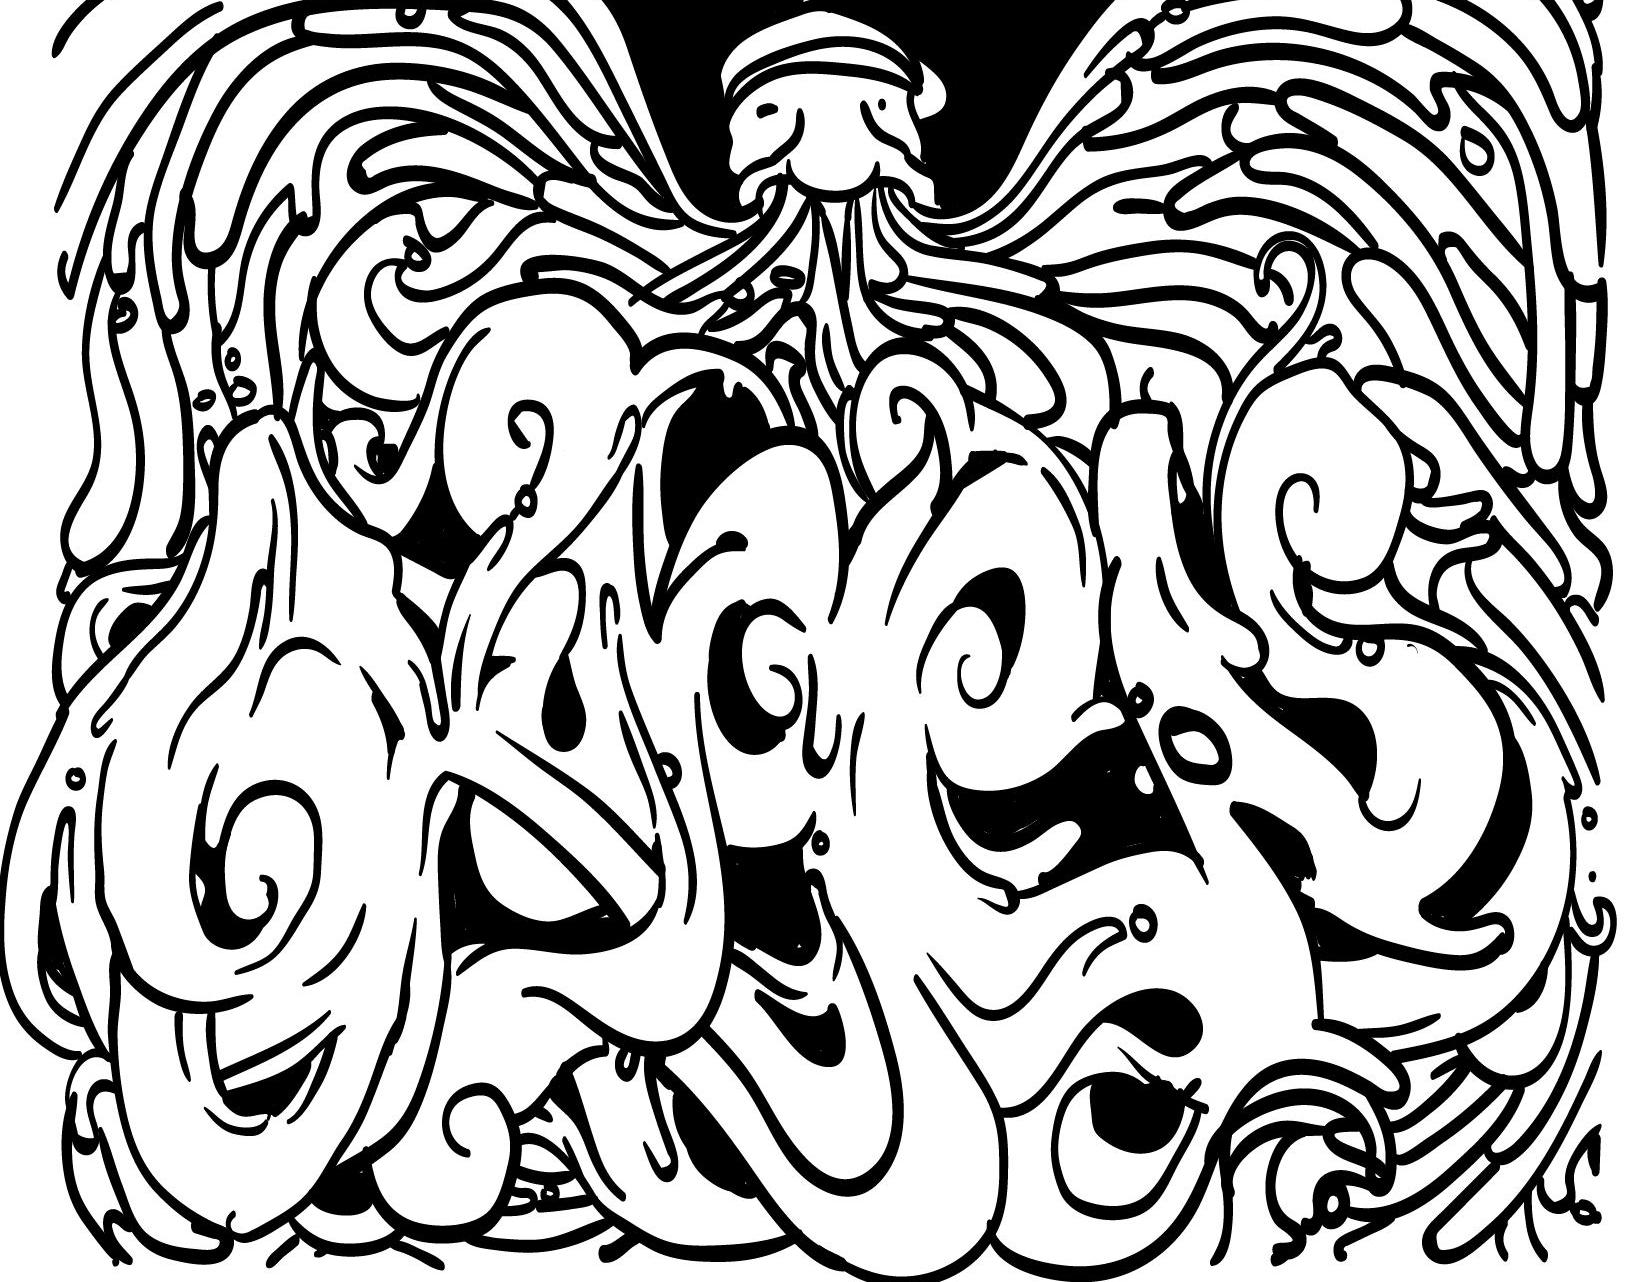 Big Nose sketch Oxygen.JPG